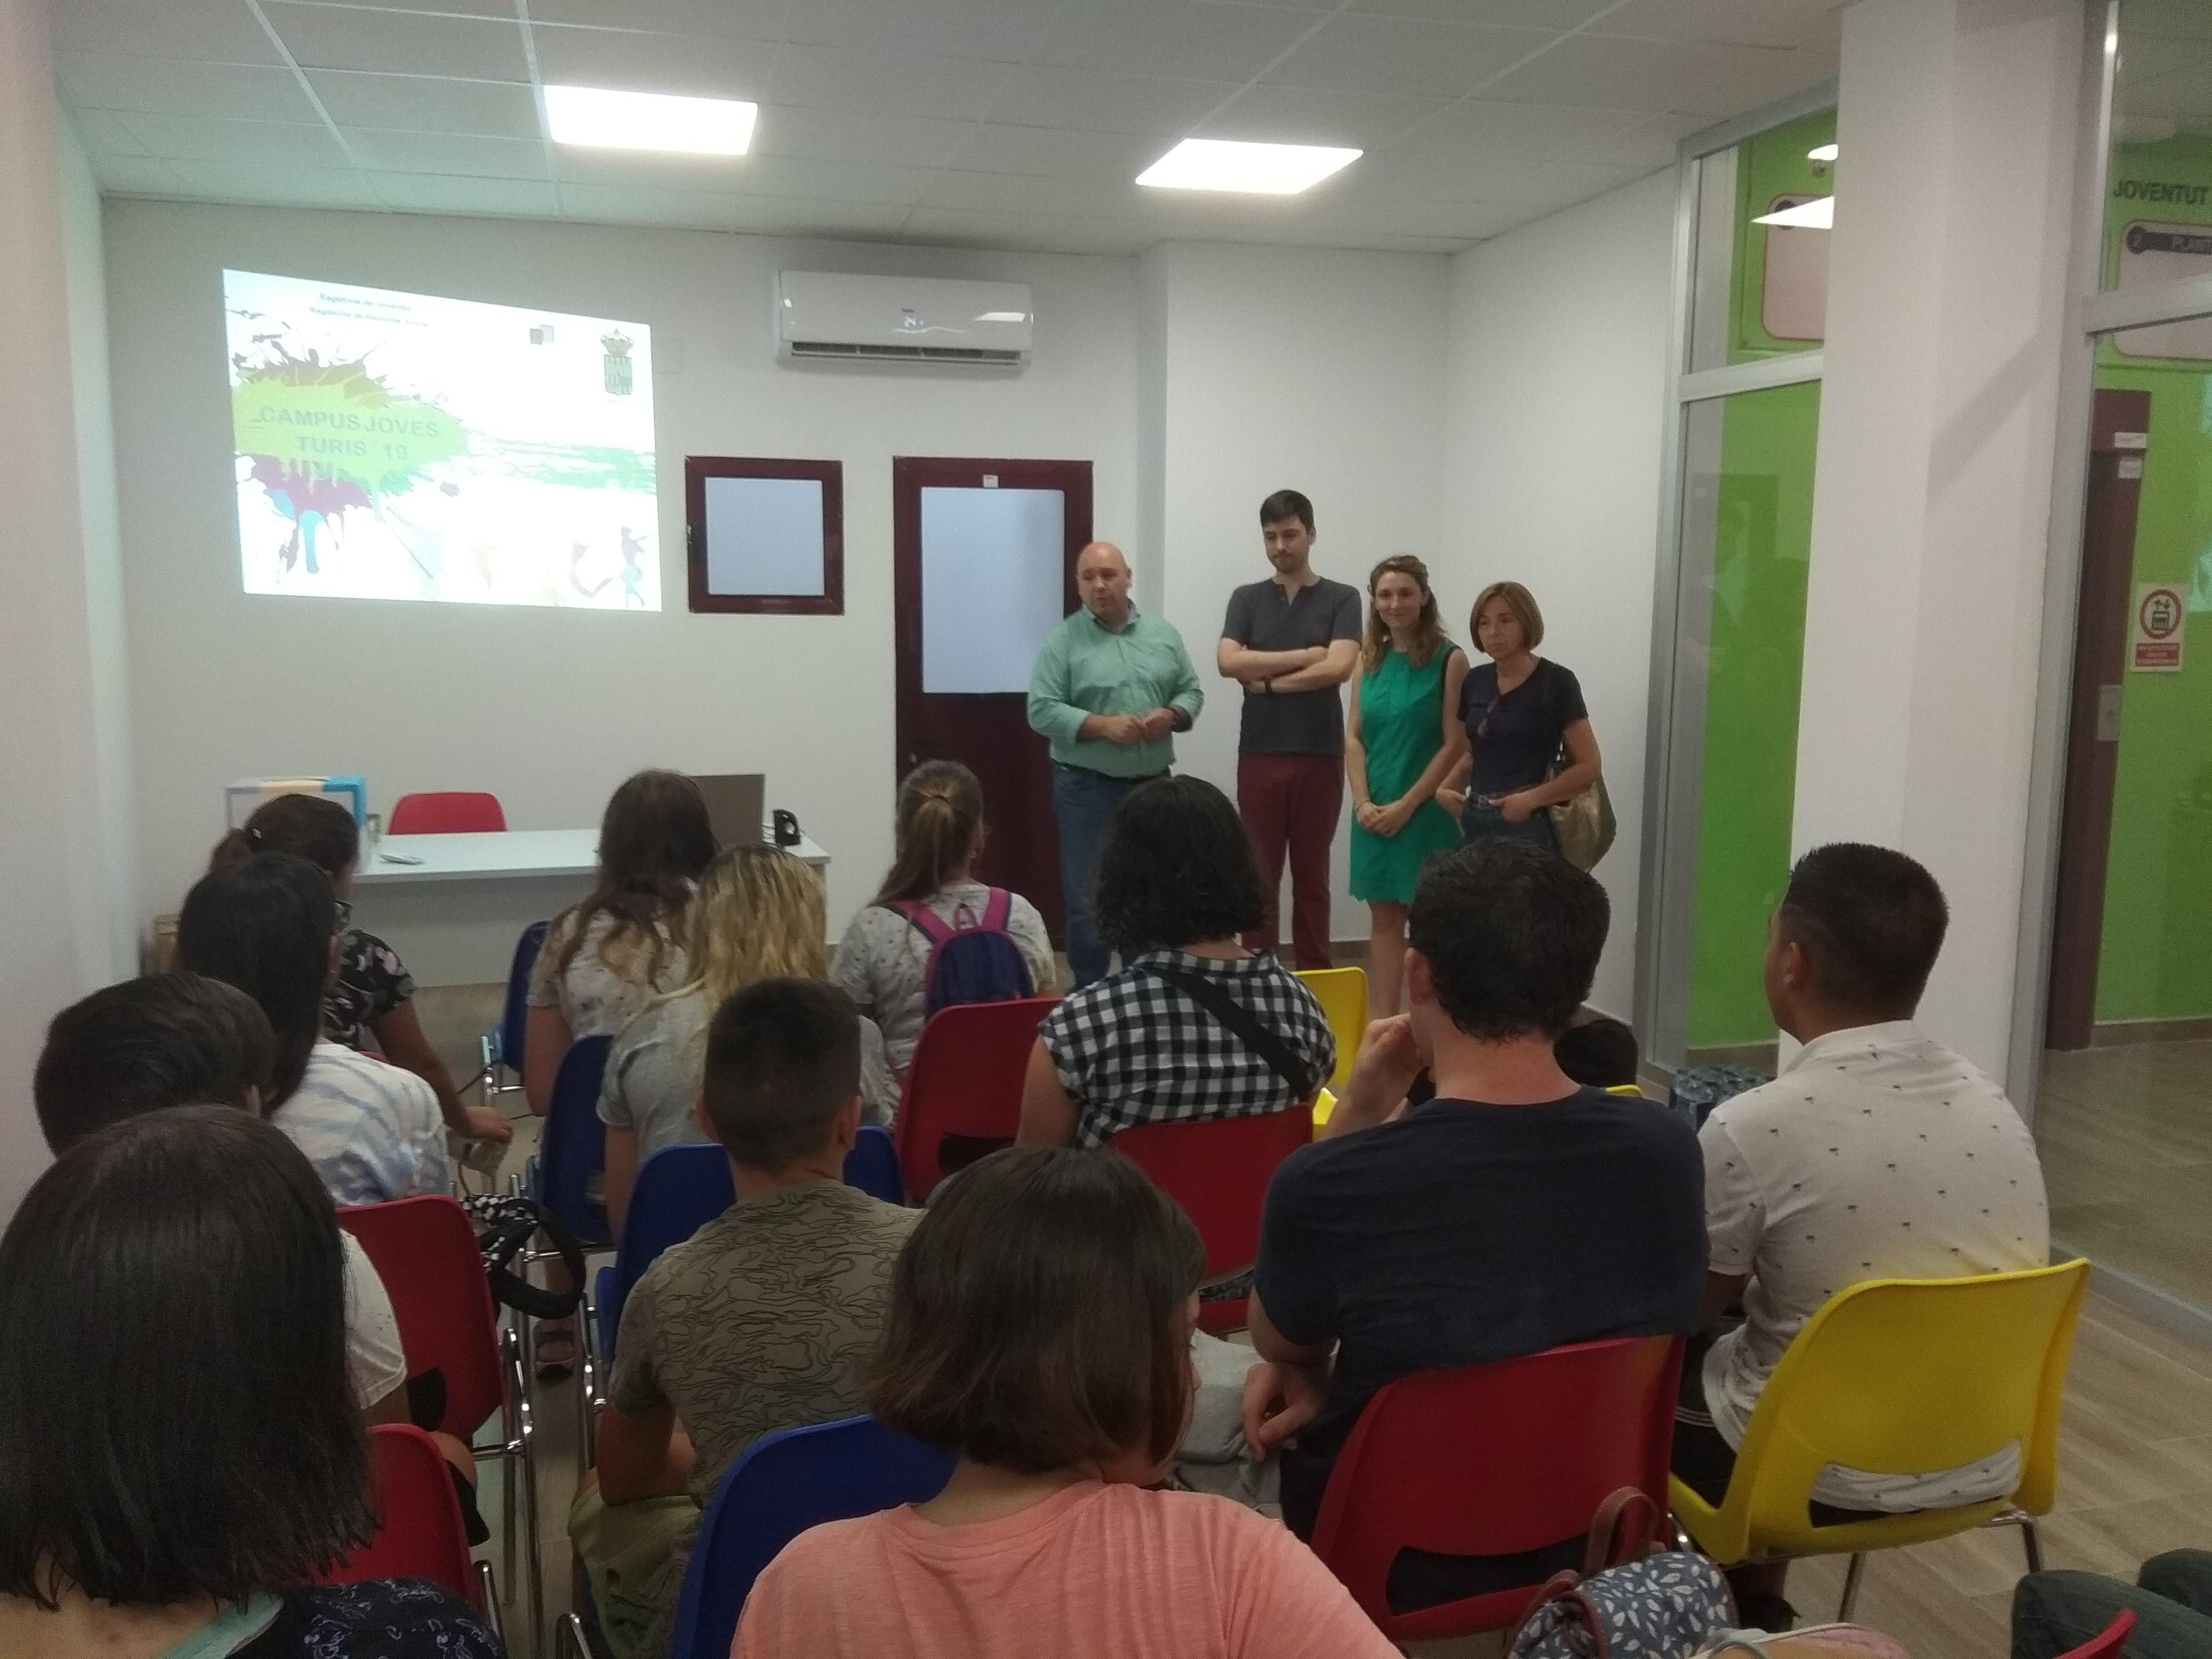 L'Alcalde de Turís, Eugenio Fortaña, ha donat la benvinguda junt als regidors de Joventut, Educació i Esports, Rafa Algarra, Isabel Guaita i Mariado Crespo respectivament, al grup de joves que va a participar en el Campus Jove 2019.